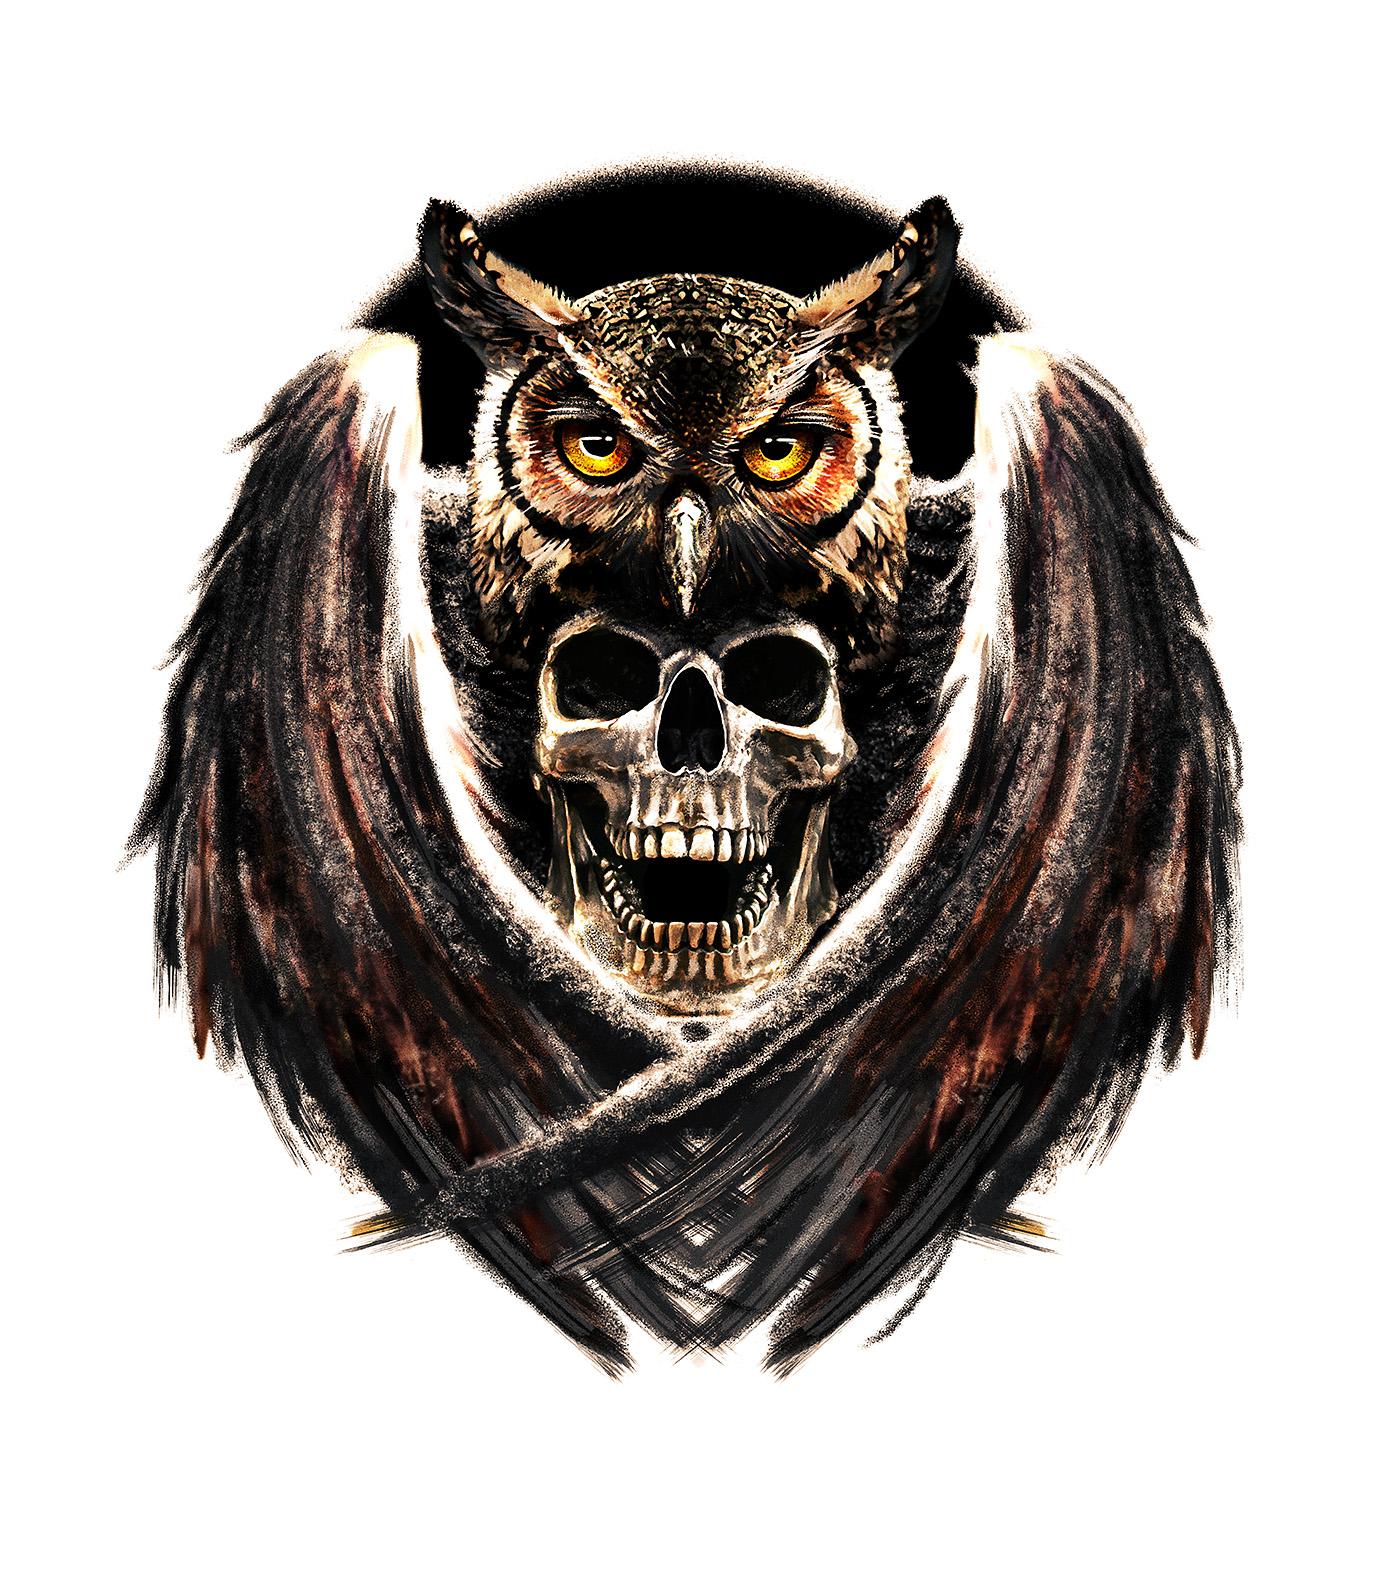 Owlskull • Giovanny Gava